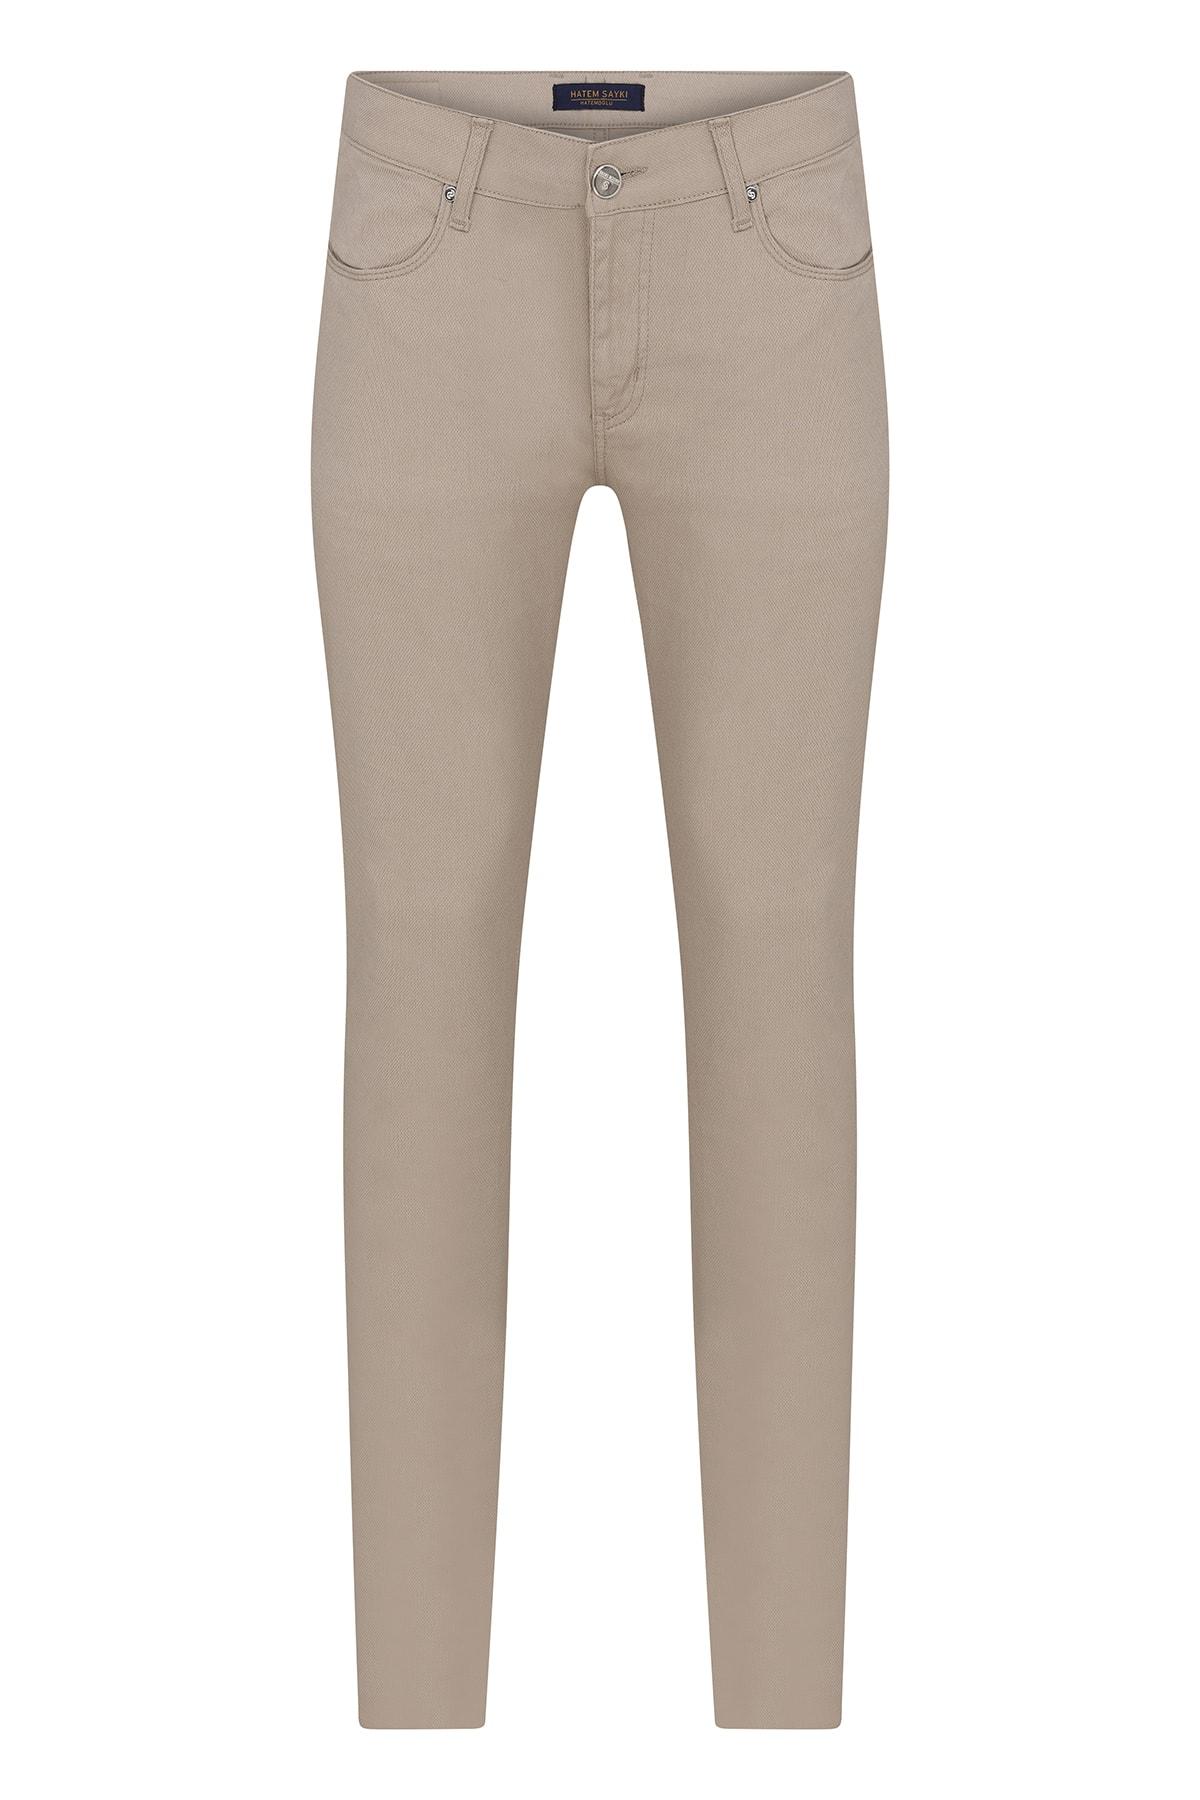 Hatemoğlu Erkek Bej Slim Fit Spor Pantolon 1